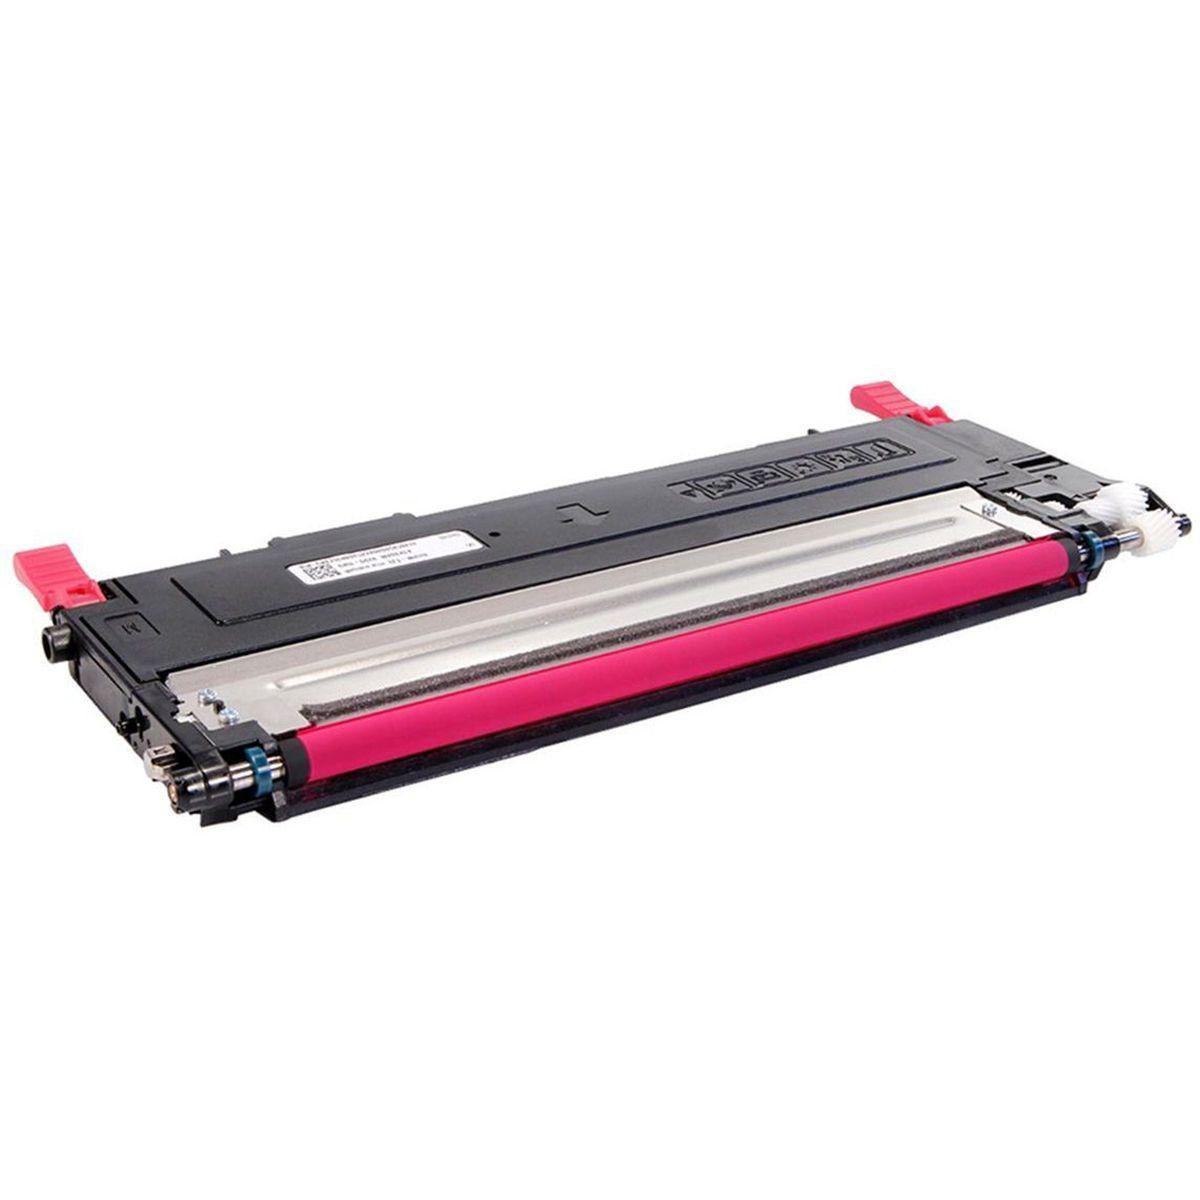 Toner Compatível HP BQ - CLT M 407 I M 409 - Magenta